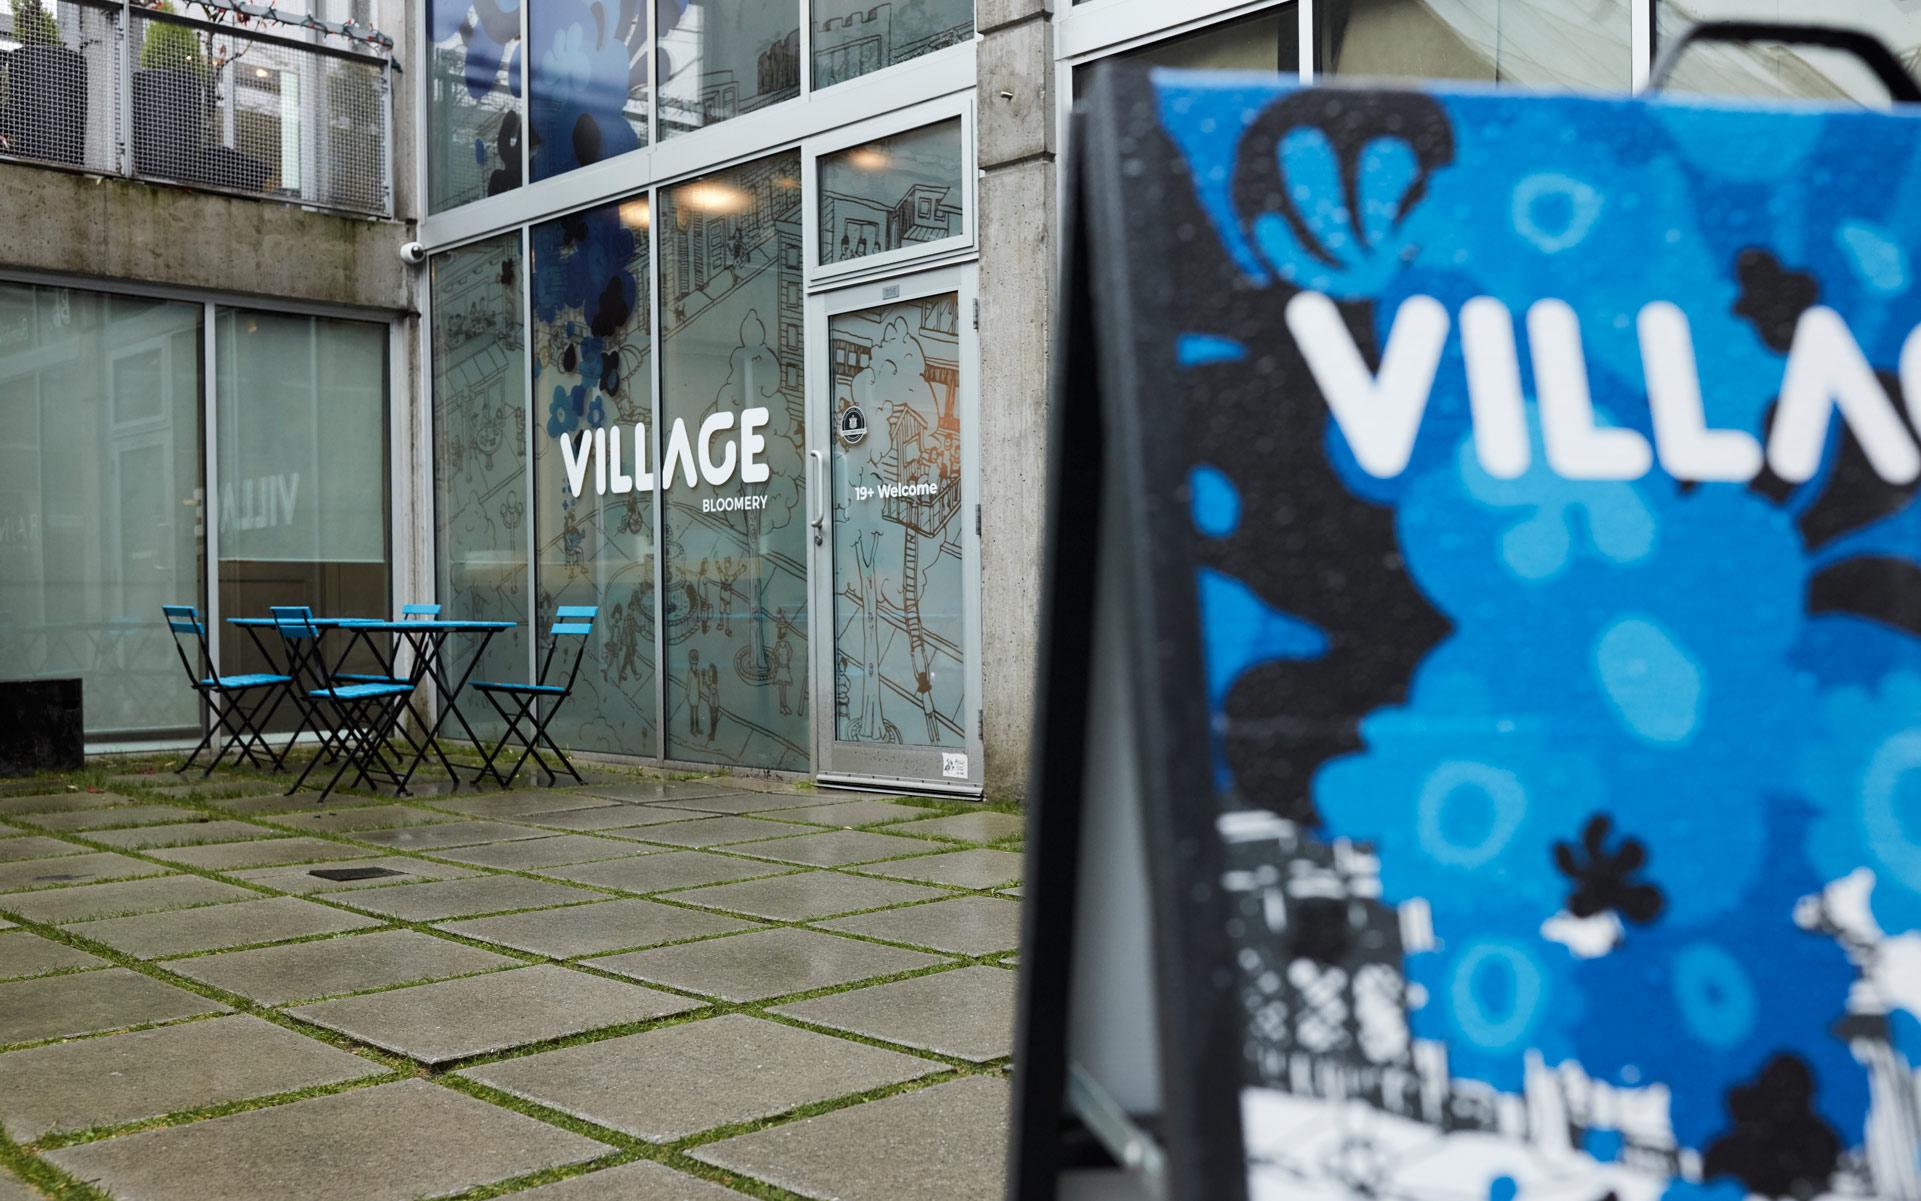 Village Bloomery exterior shot